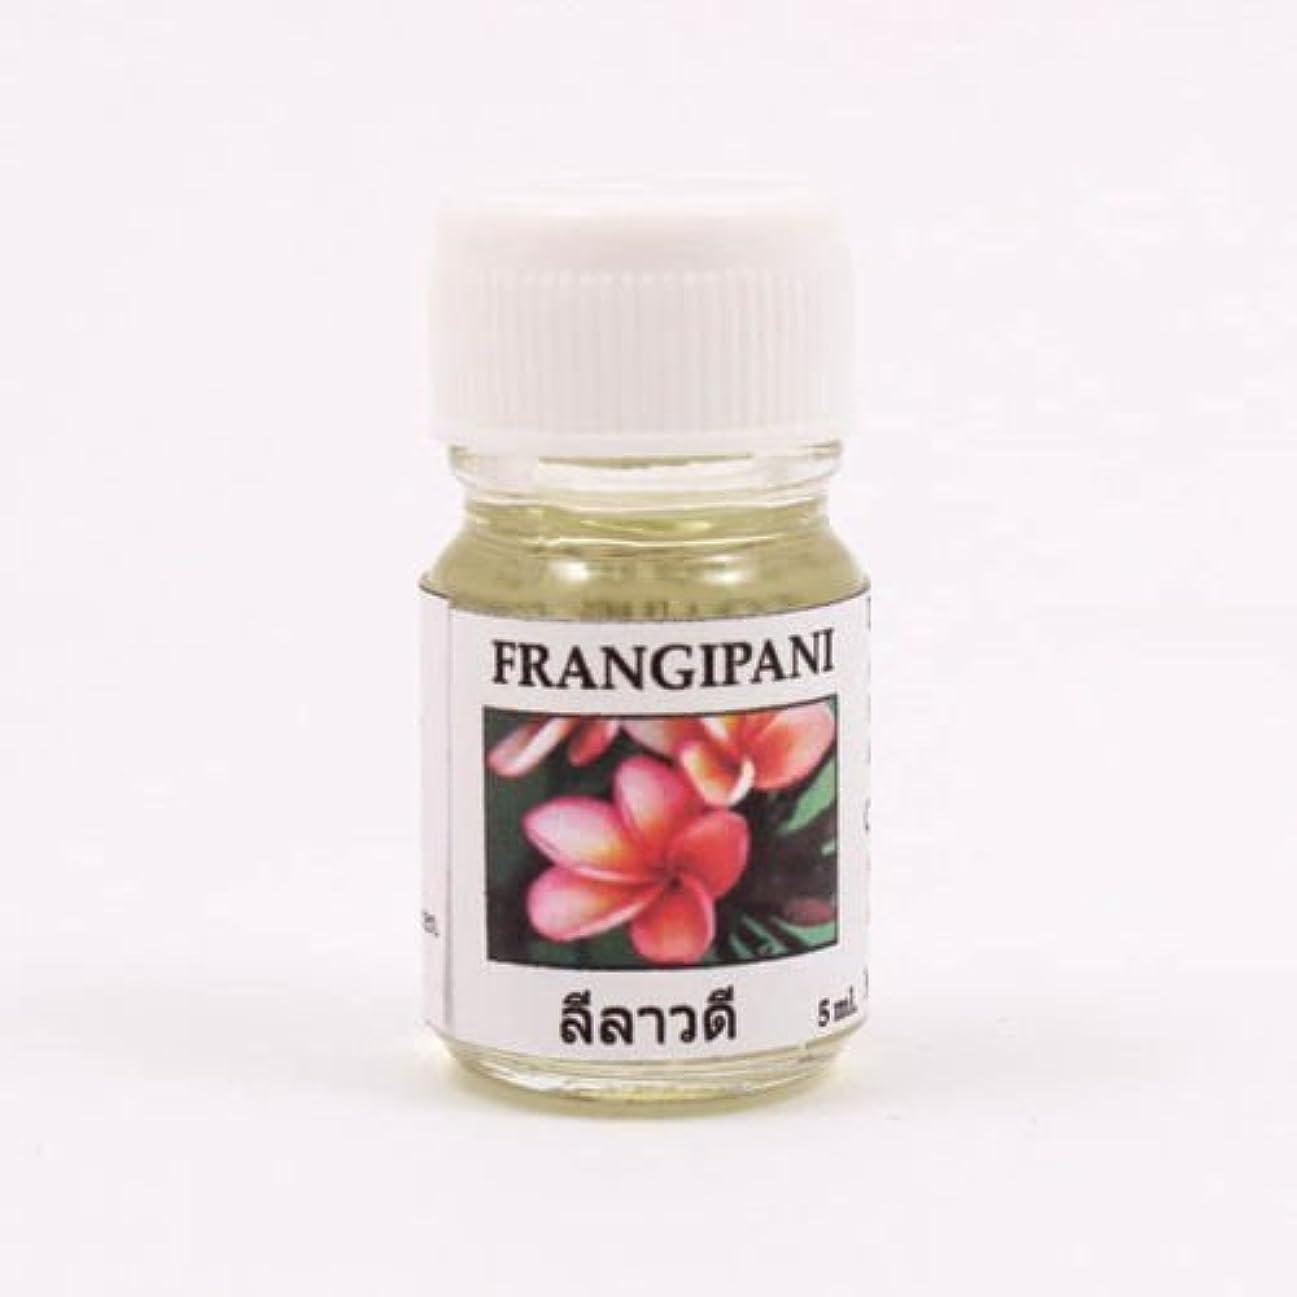 リンス回転させるライラック6X Frangipani Aroma Fragrance Essential Oil 5ML. Diffuser Burner Therapy